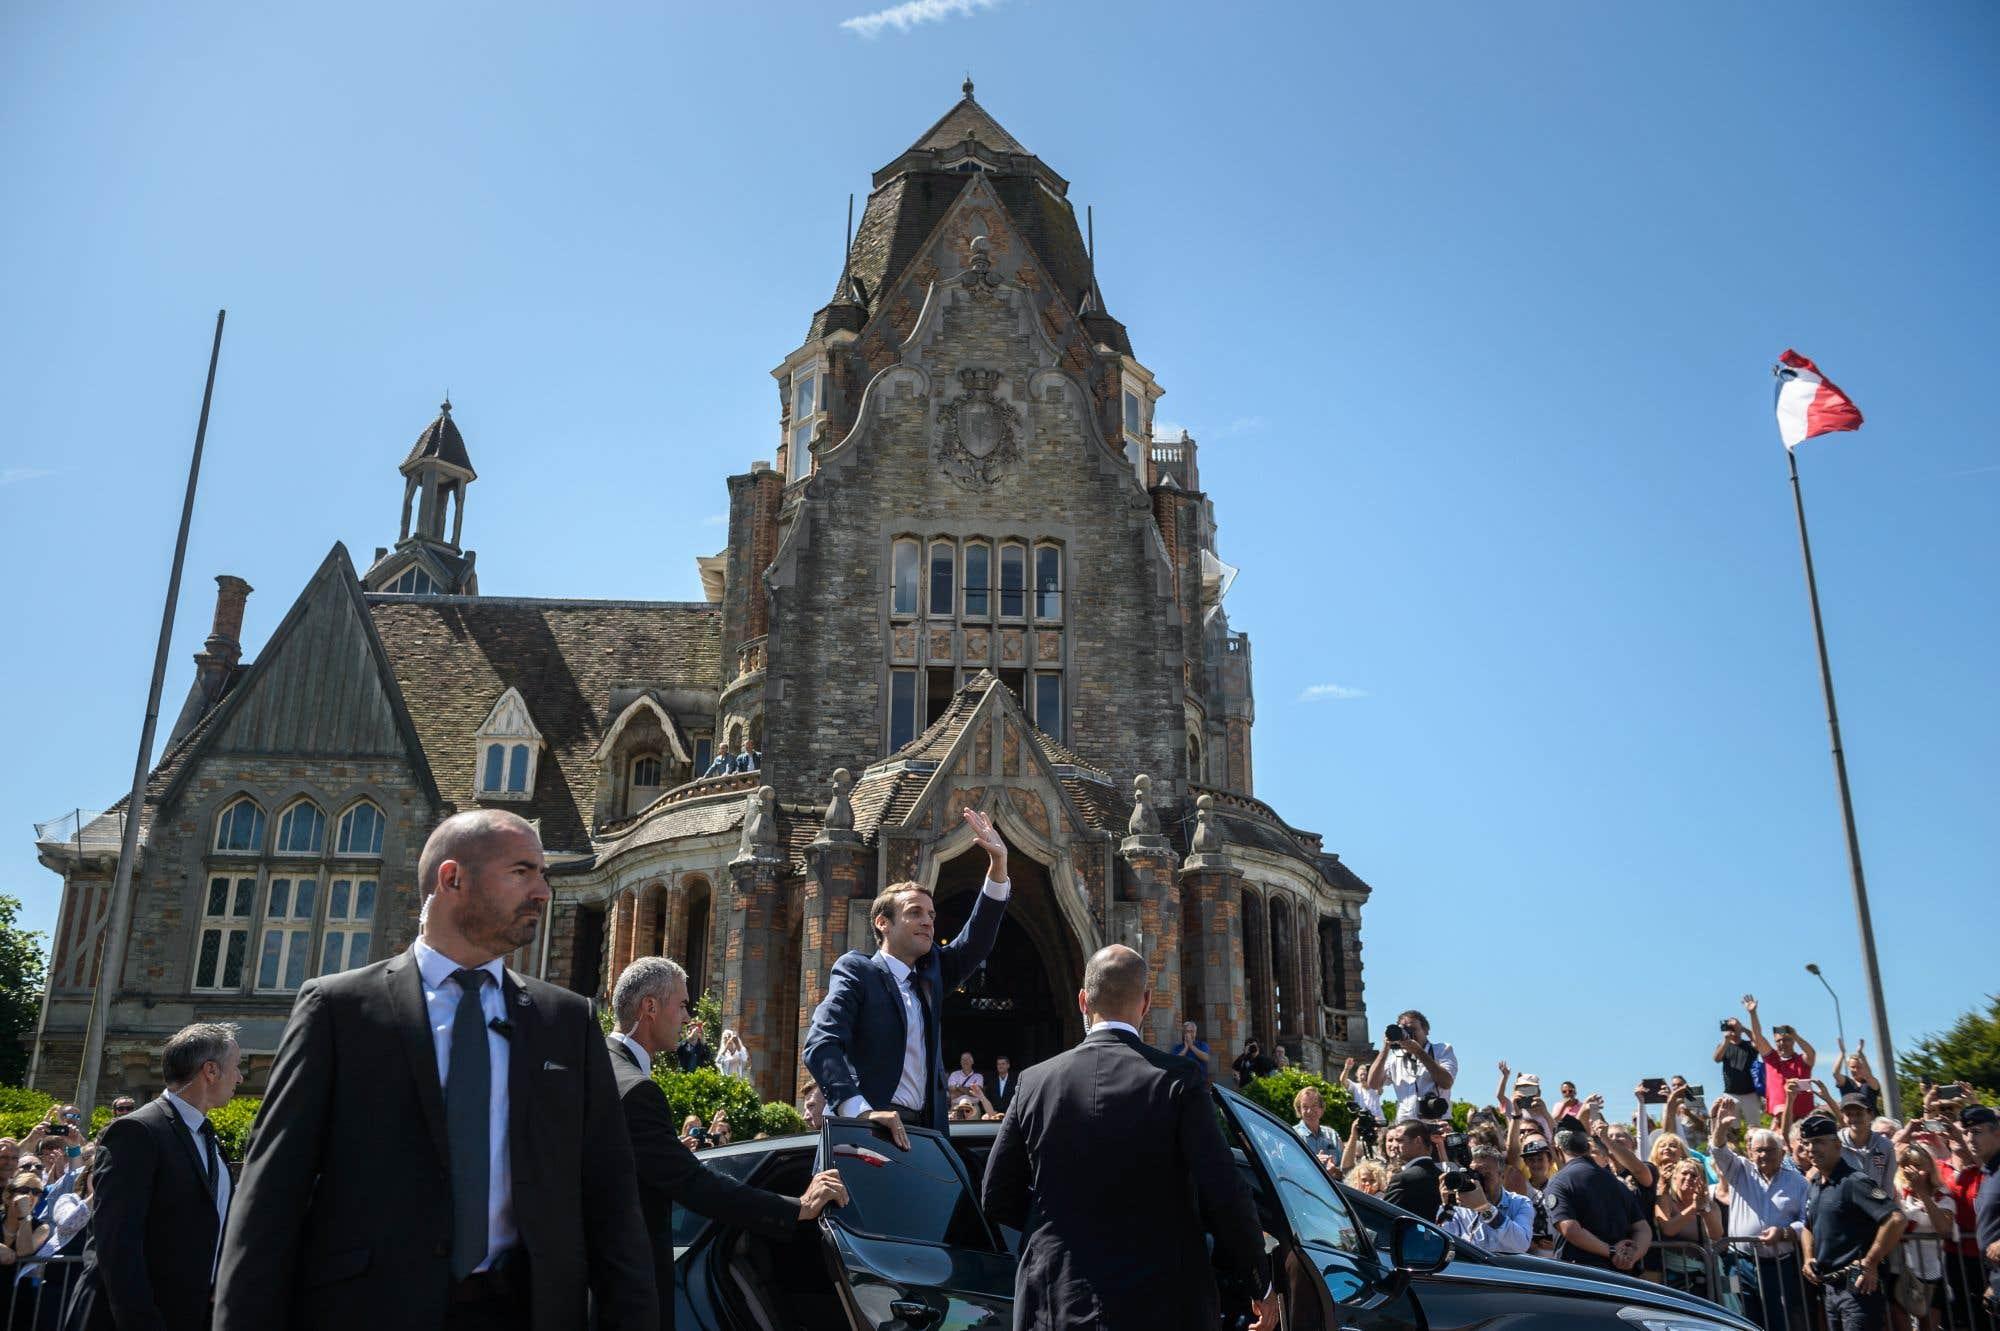 Le président de France, Emmanuel Macron, après avoir déposé son vote dimanche. M. Macron était en en route vers une majorité lors du premier tour des élections législatives françaises lundi. Avec 34 % des voix, il pourrait faire élire entre 390 et 430 députés sur 577 à l'Assemblée nationale.